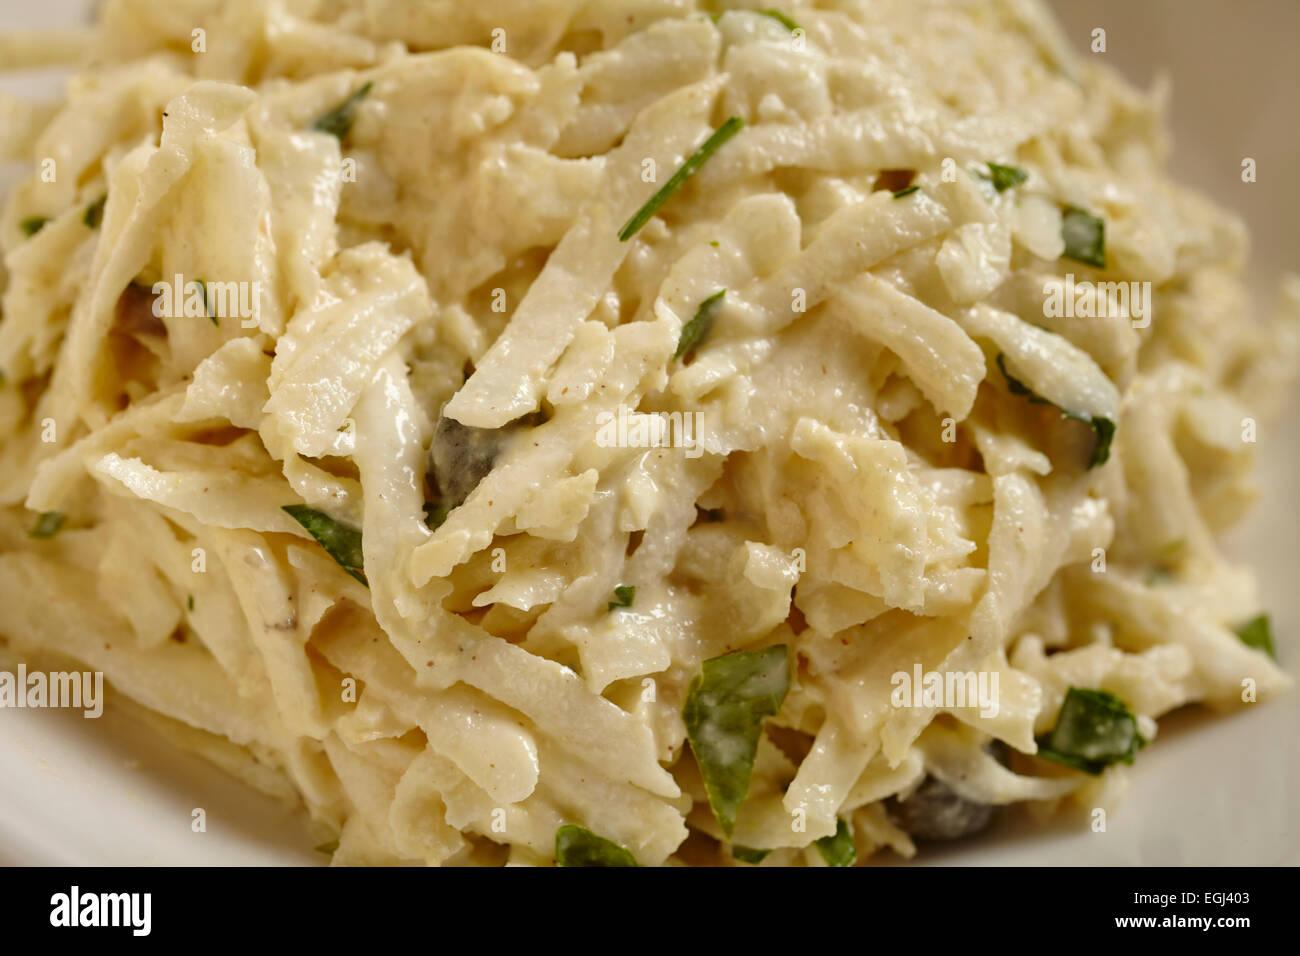 Salade de céleri français - céleri-rave rémoulade Banque D'Images